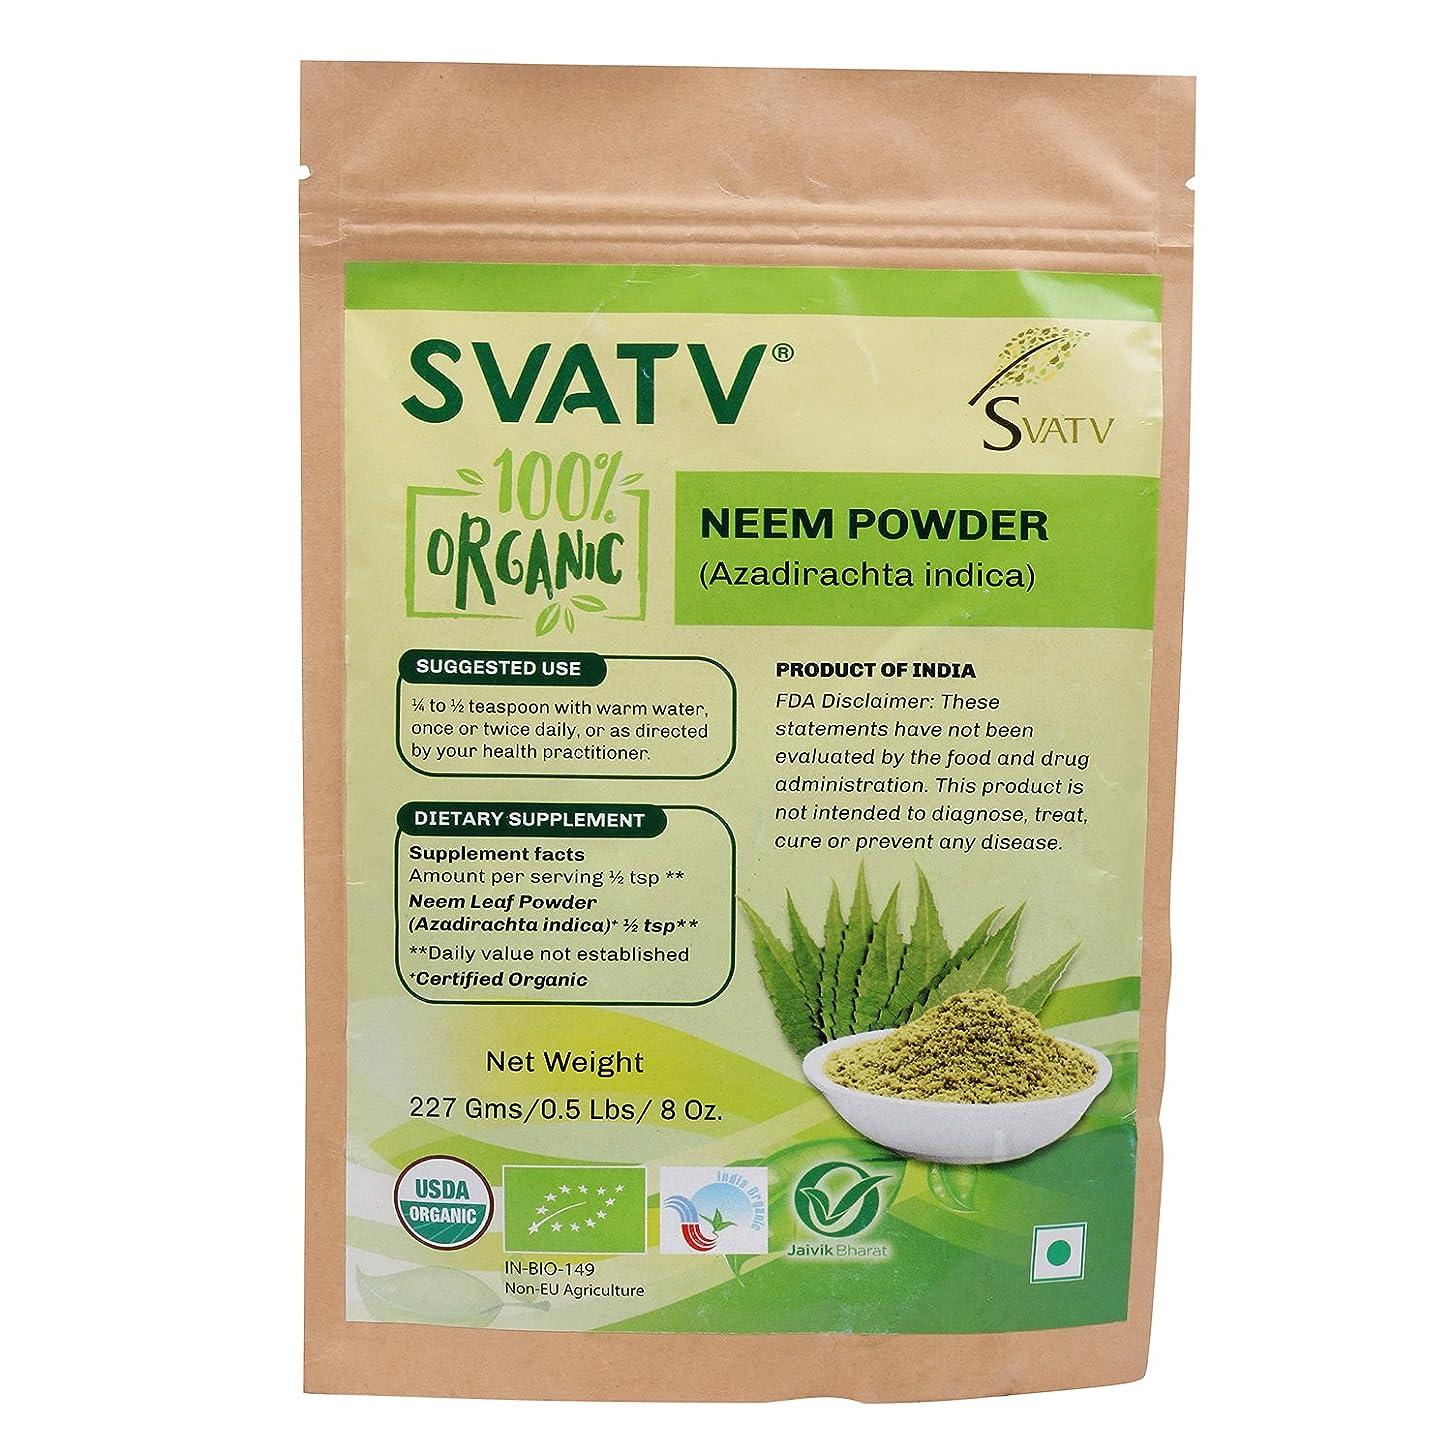 タック受け継ぐフリルSVATV Organic Neem Powder(Azadirachta indica) 1/2 LB, 08 oz, 227g USDA Certified Organic- Biodegradable Resealable Zip Lock Pouch